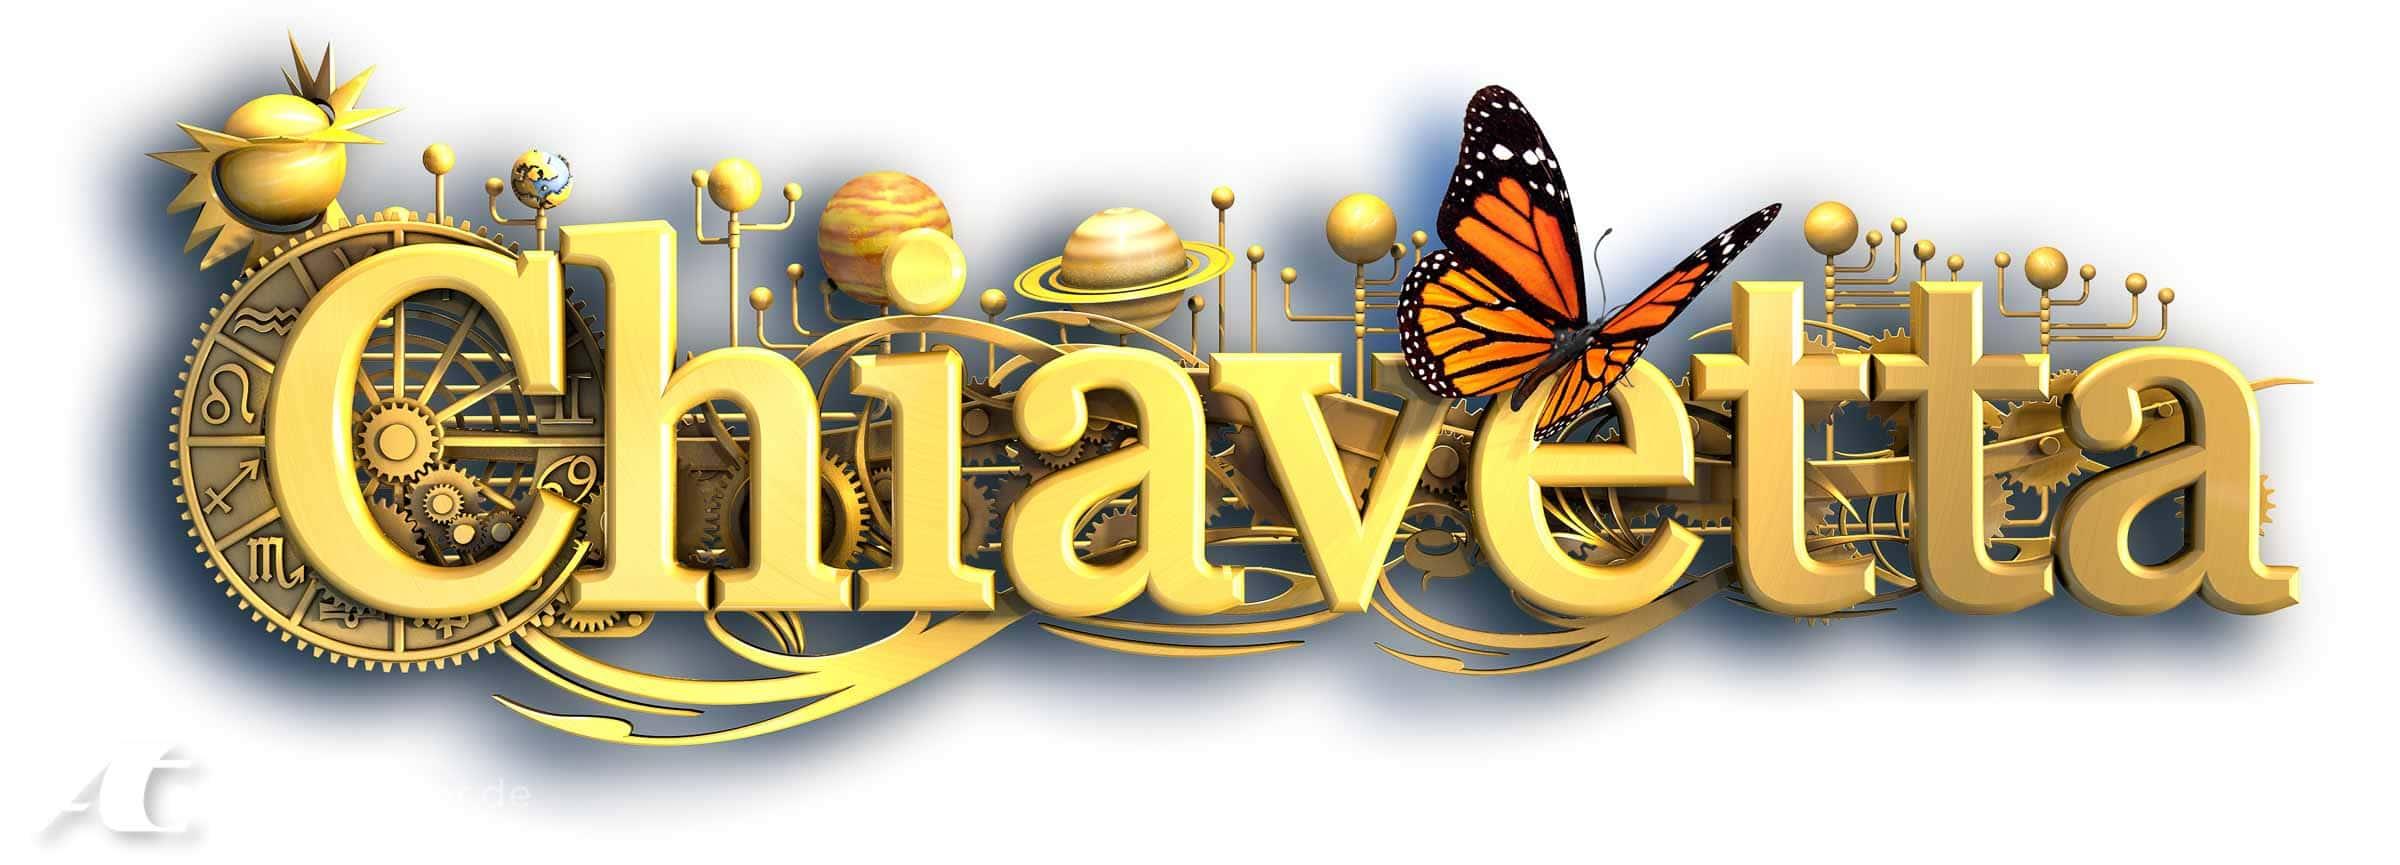 Chiavetta 3D-Logo